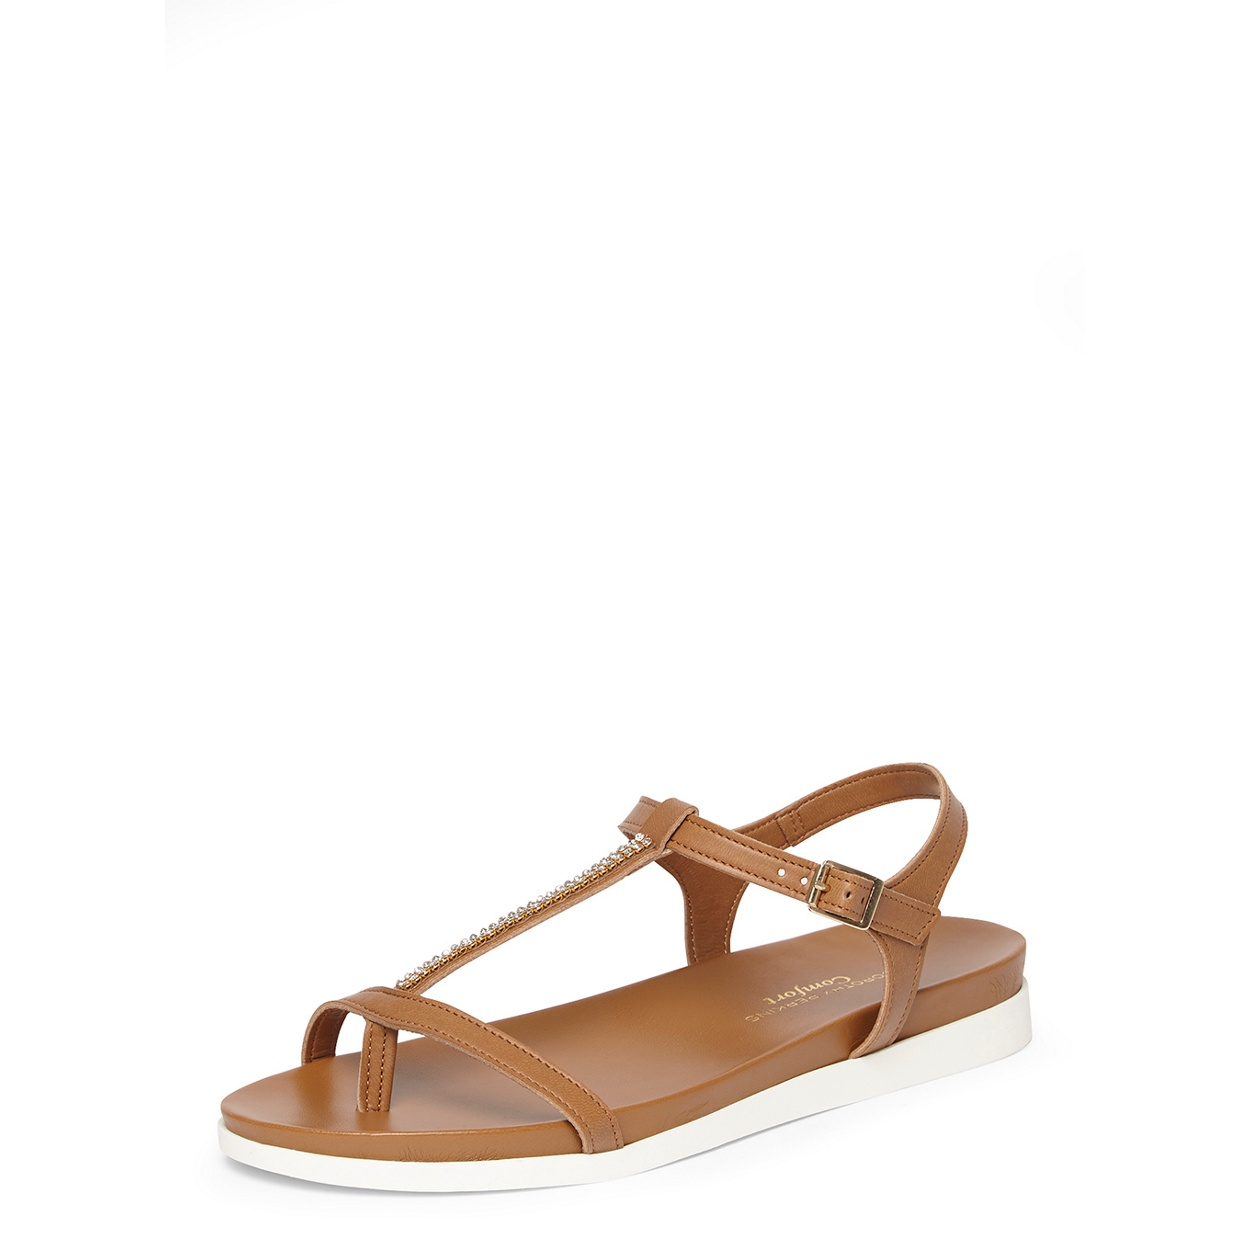 Black sandals debenhams - Dorothy Perkins Tan Flamingo Comfort Footbed Sandals